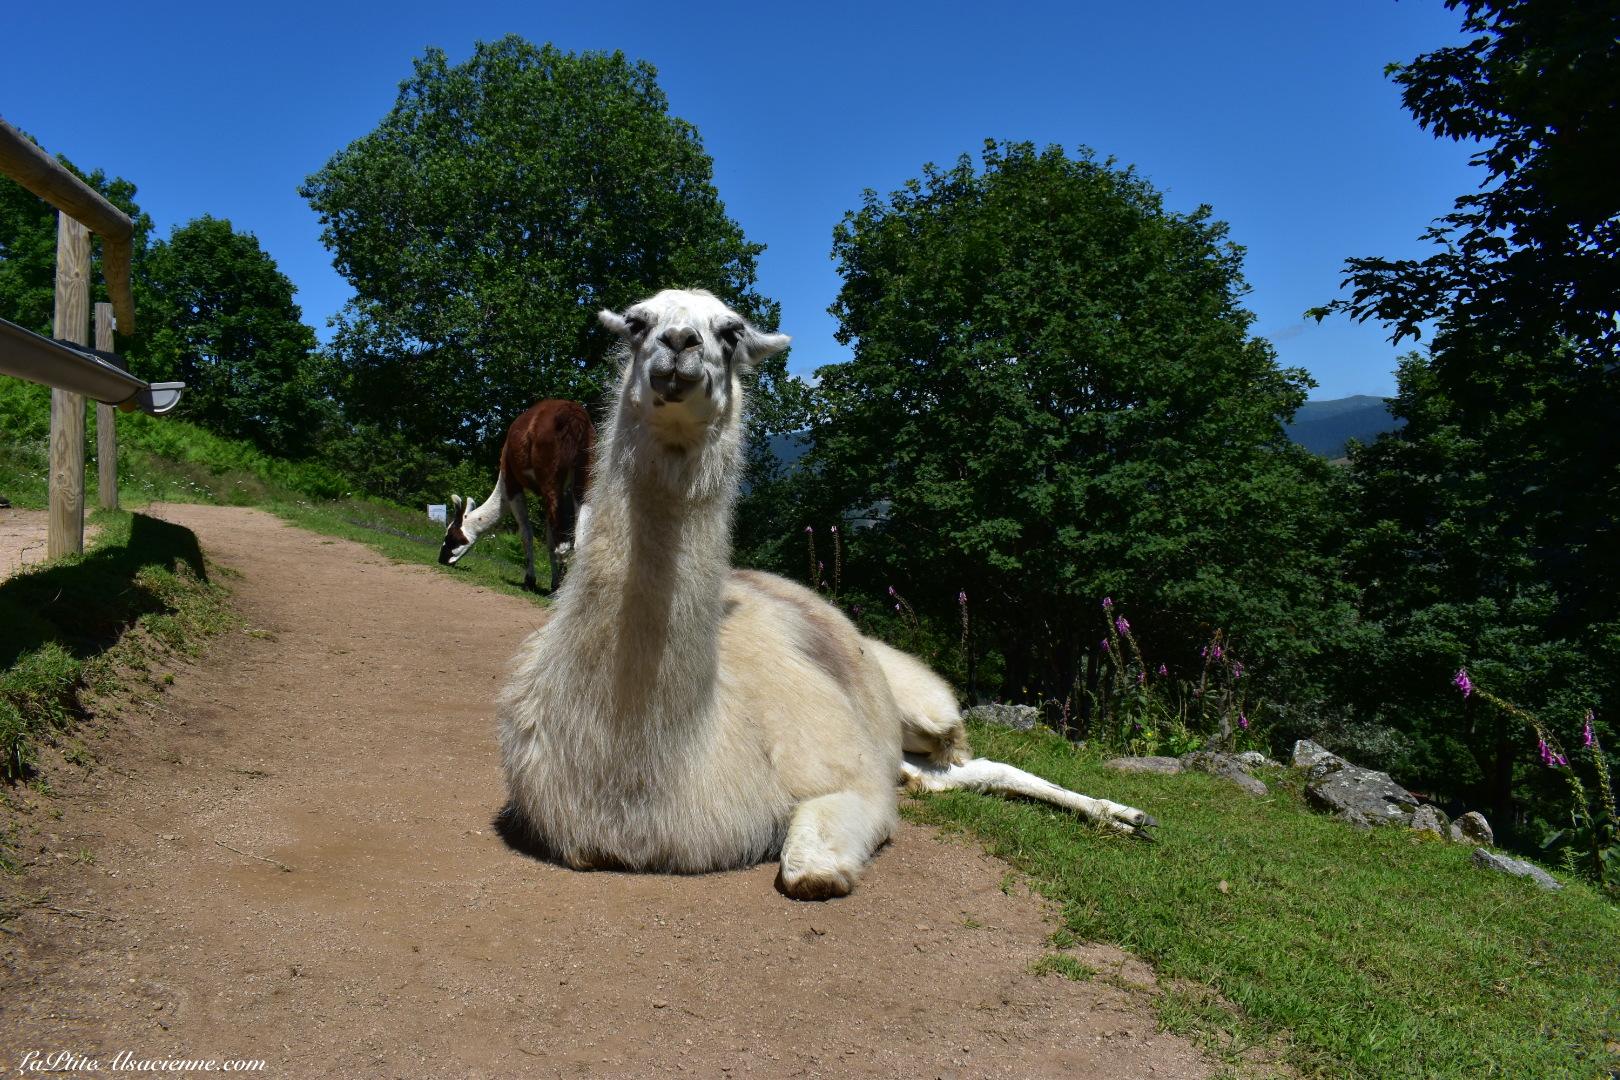 Oui, je suis installé au milieu du chemin ! Et alors ! - Montagne des Lamas à La Bresse - Photo de Cendrine Miesch dite LaPtiteAlsacienne